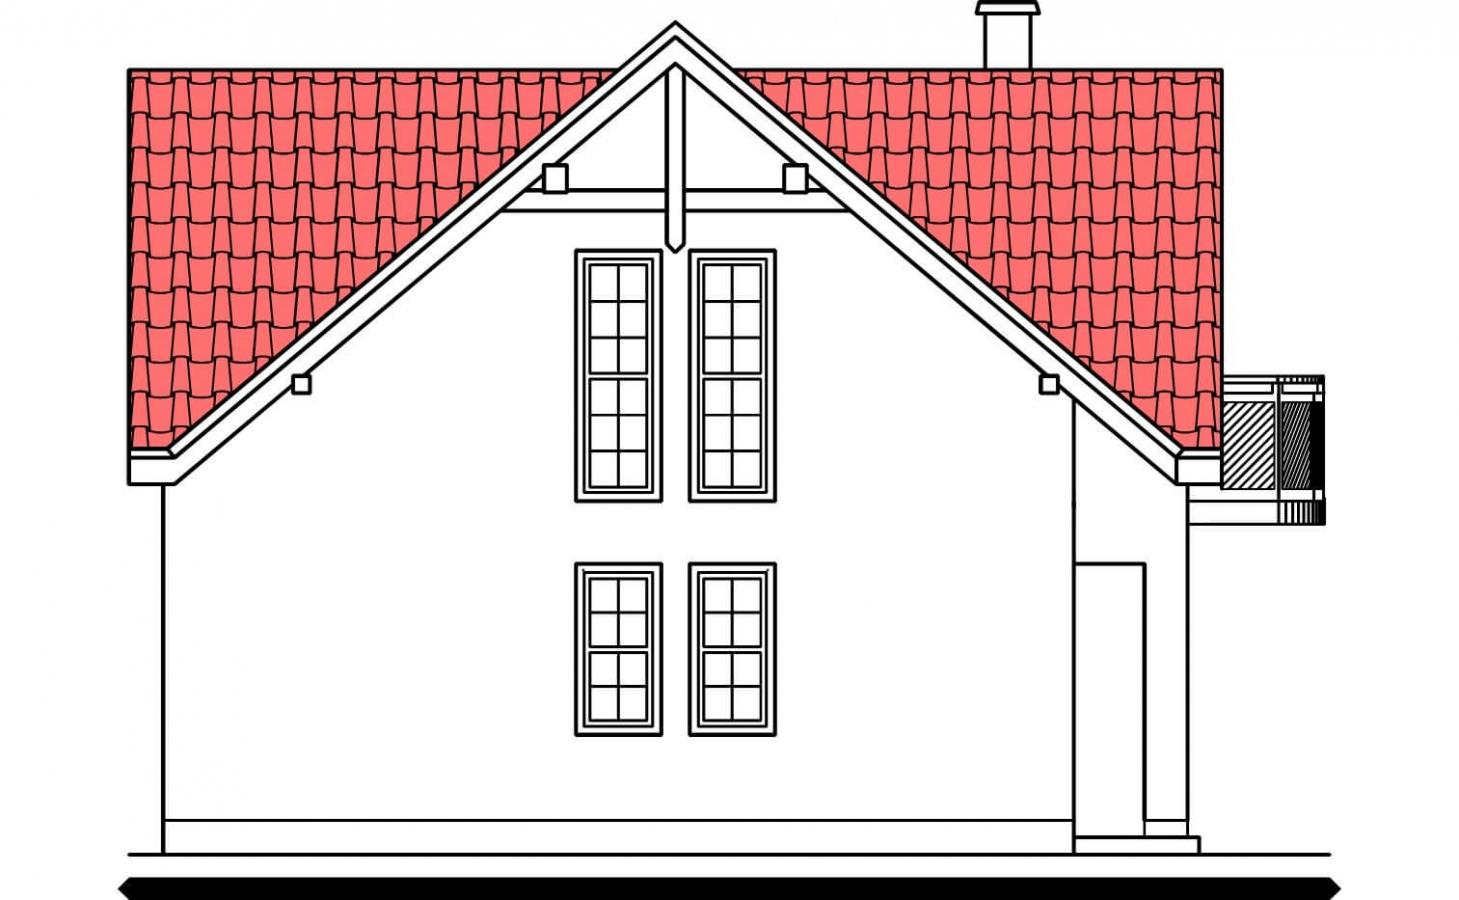 Pohľad 4. - Poschodový 4-izbový dom.